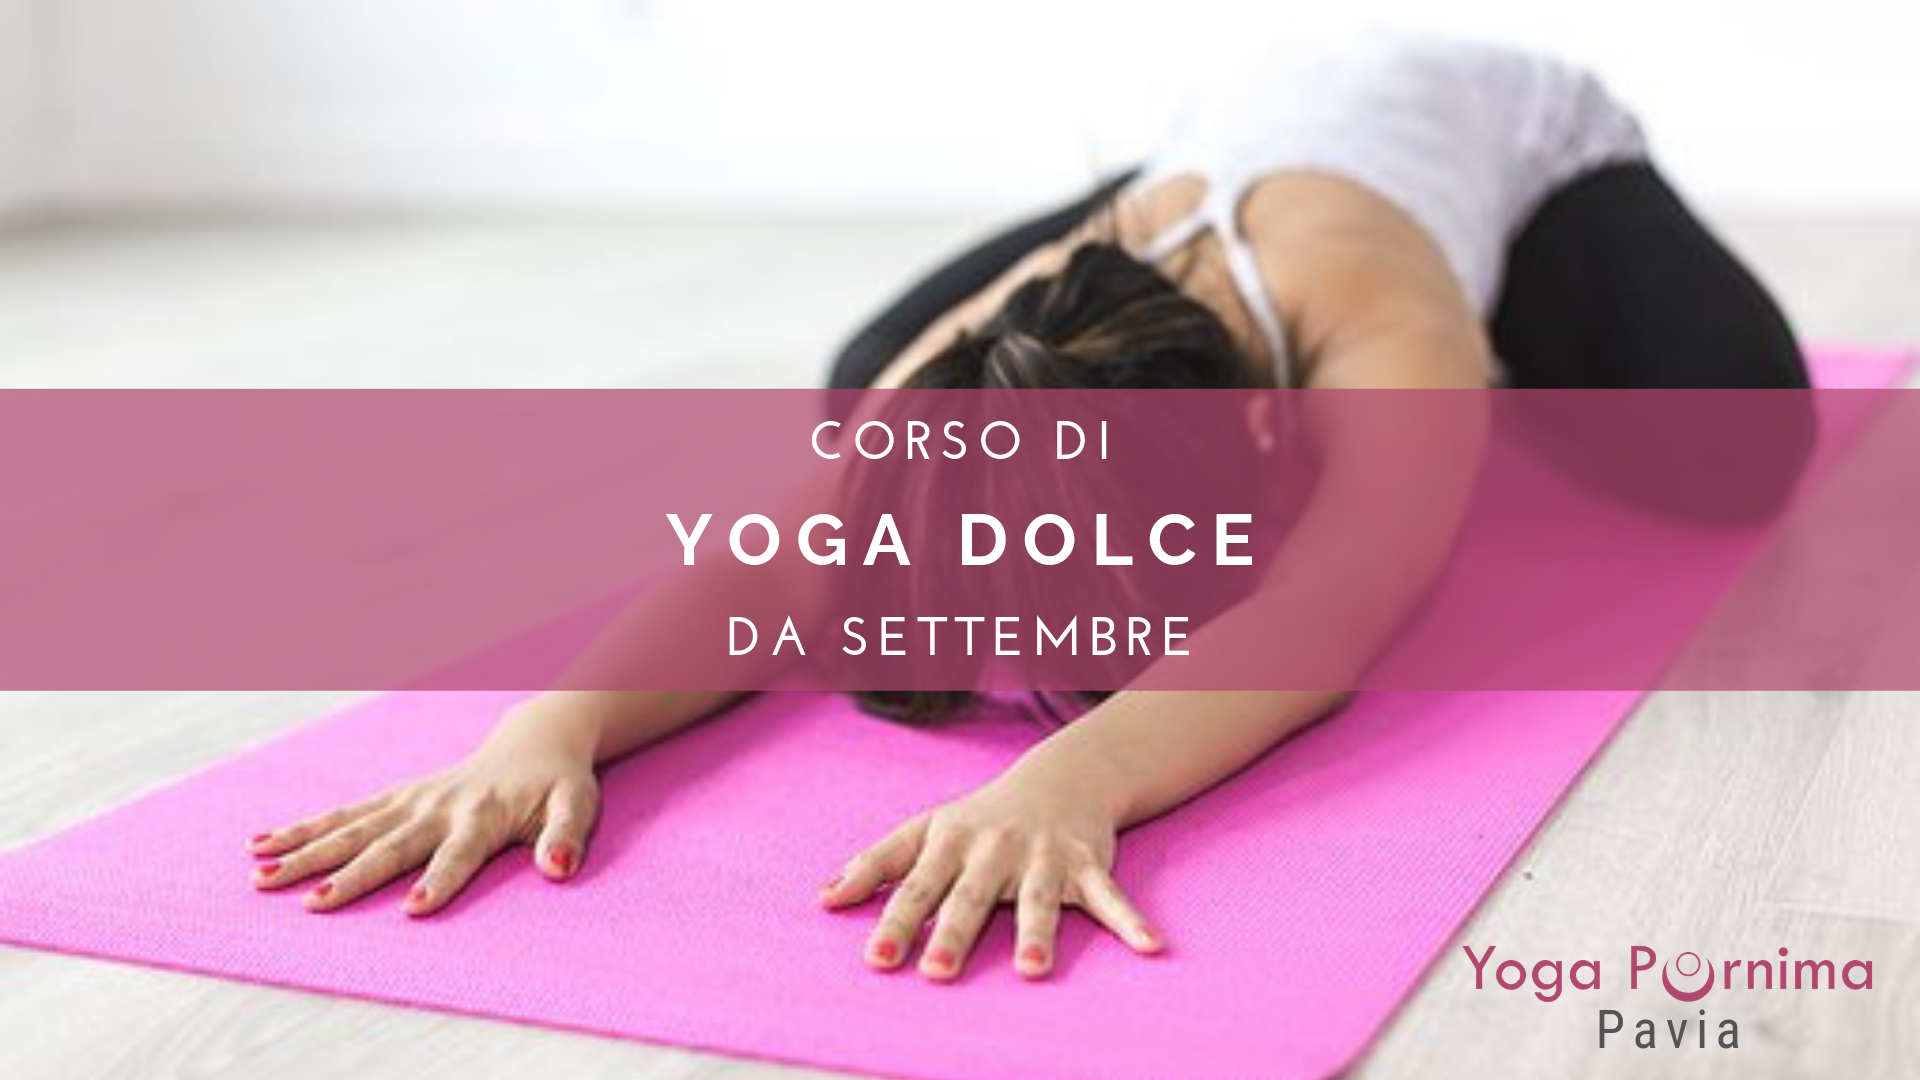 Ricominciano i corsi di Yoga dolce!